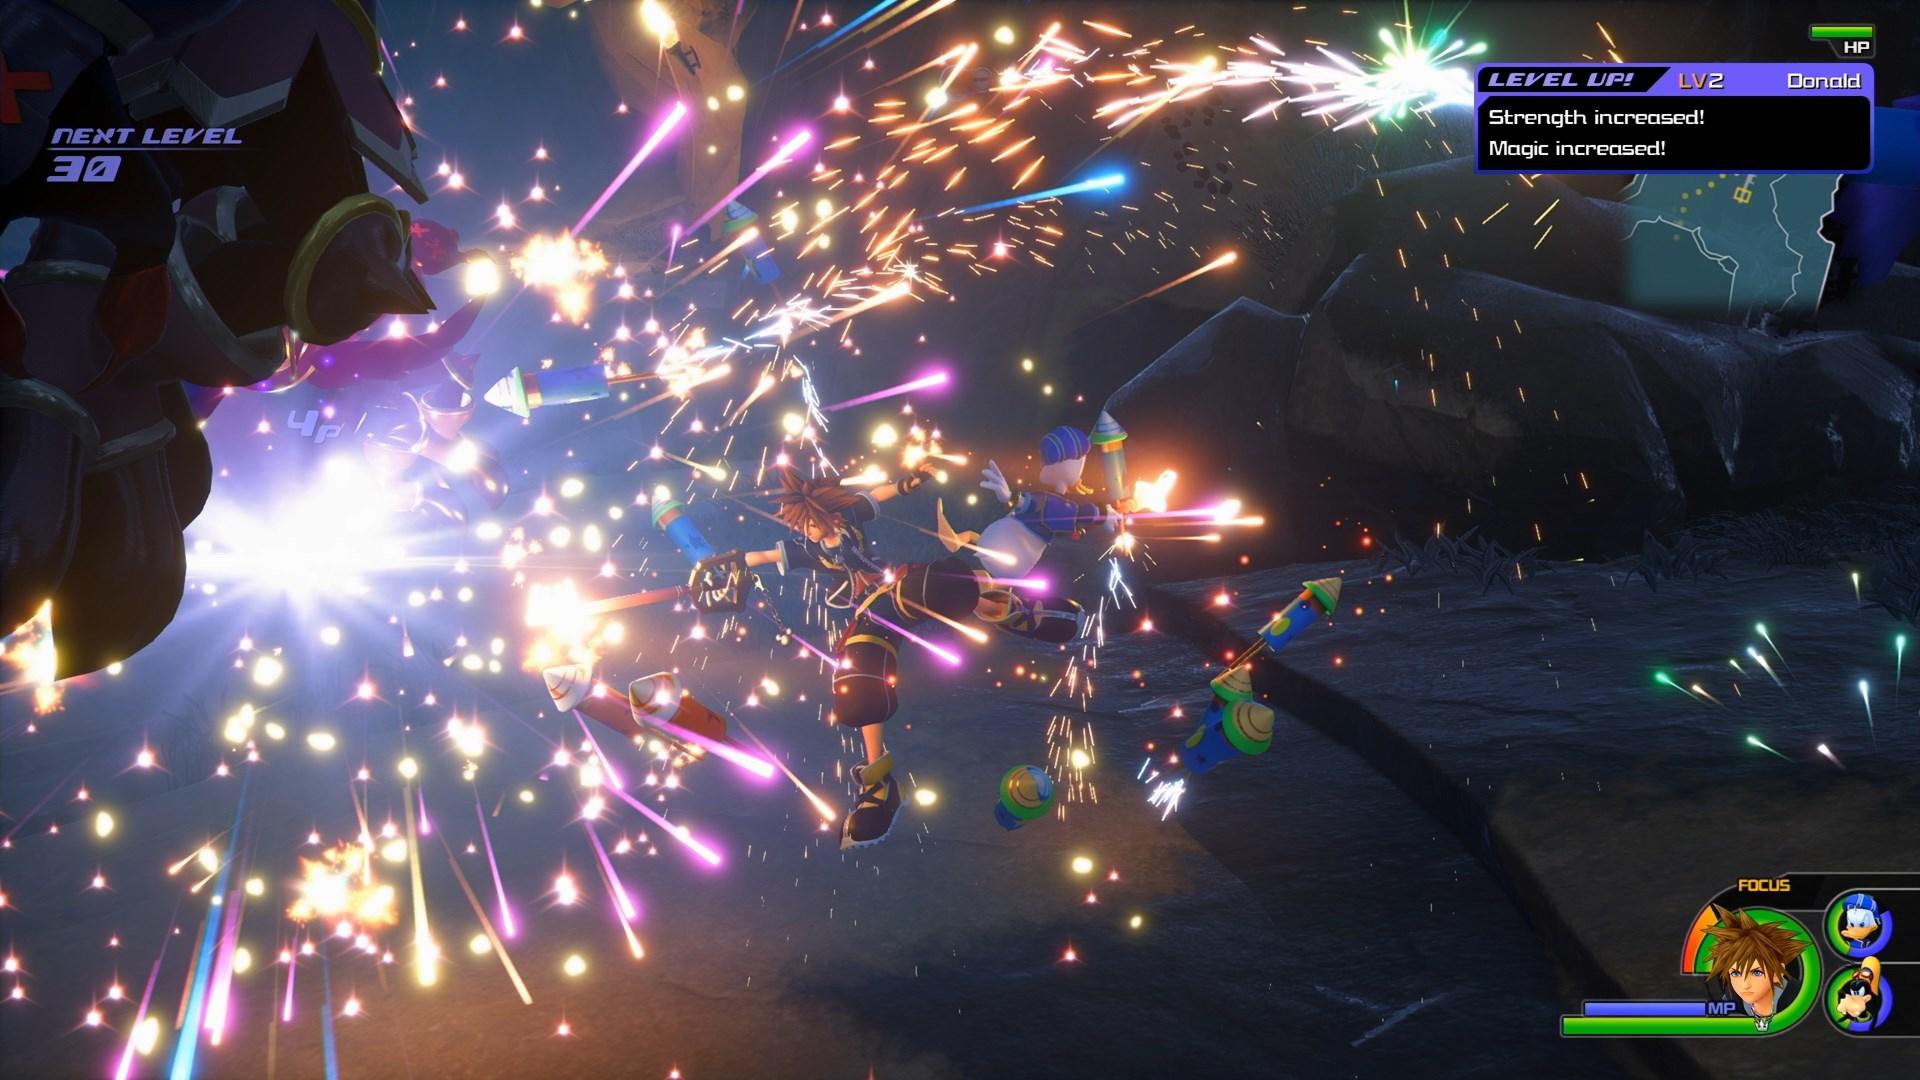 kh3 fireworks